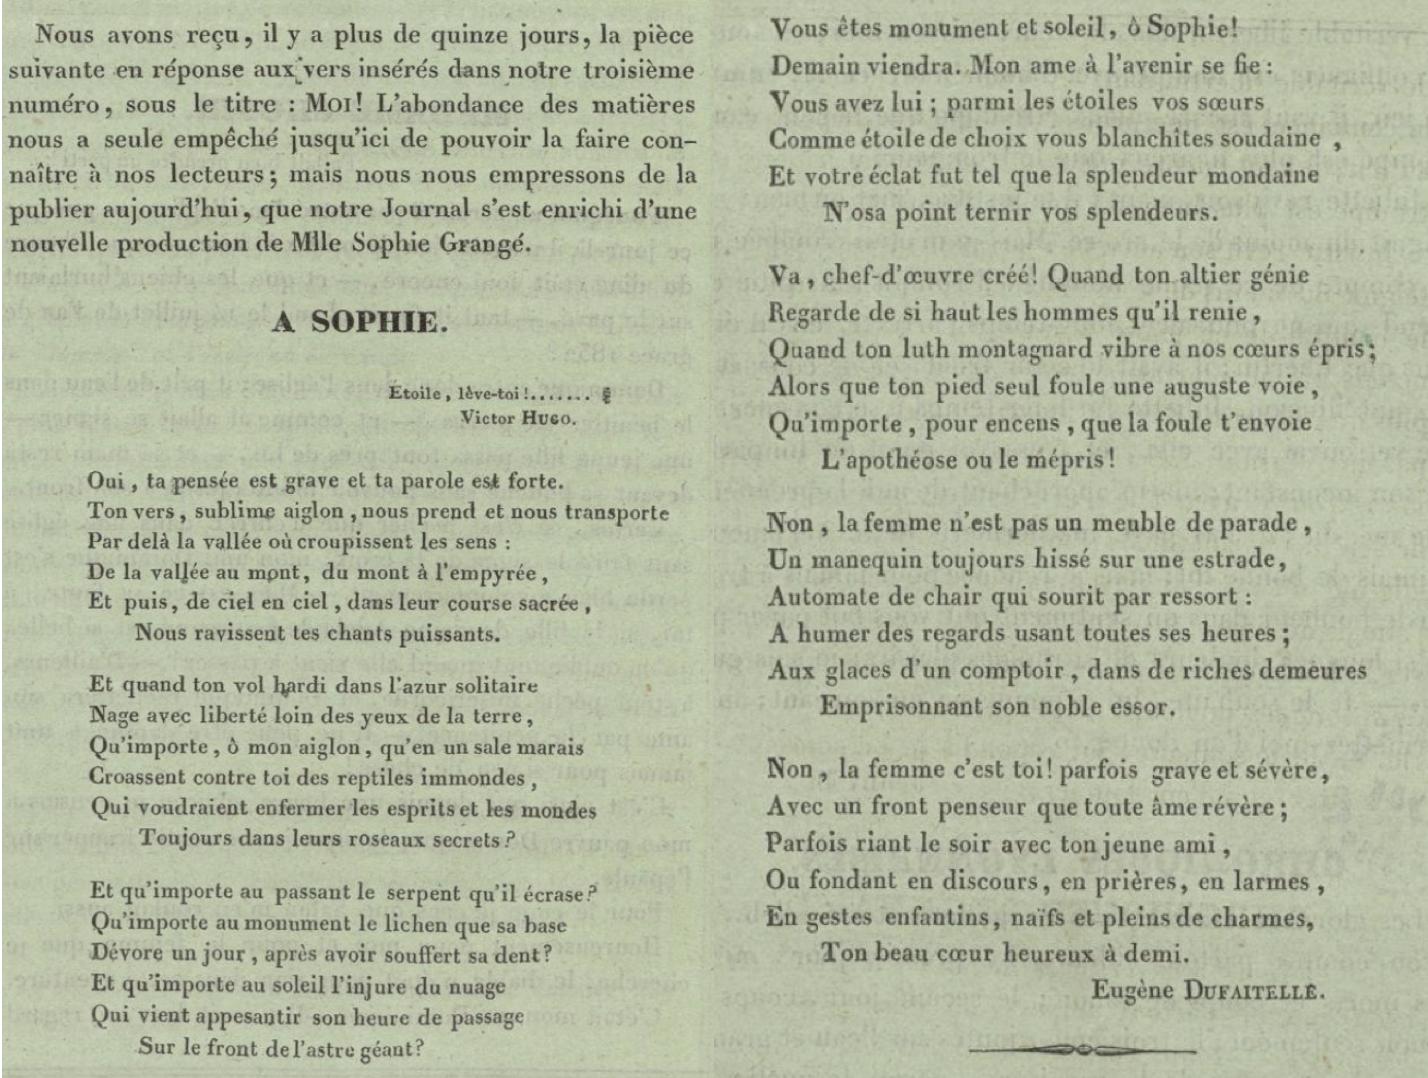 9336aaba8 PERSONNAGE Sophie Grangé   la femme libre de la poésie romantique lyonnaise  – Histoires lyonnaises